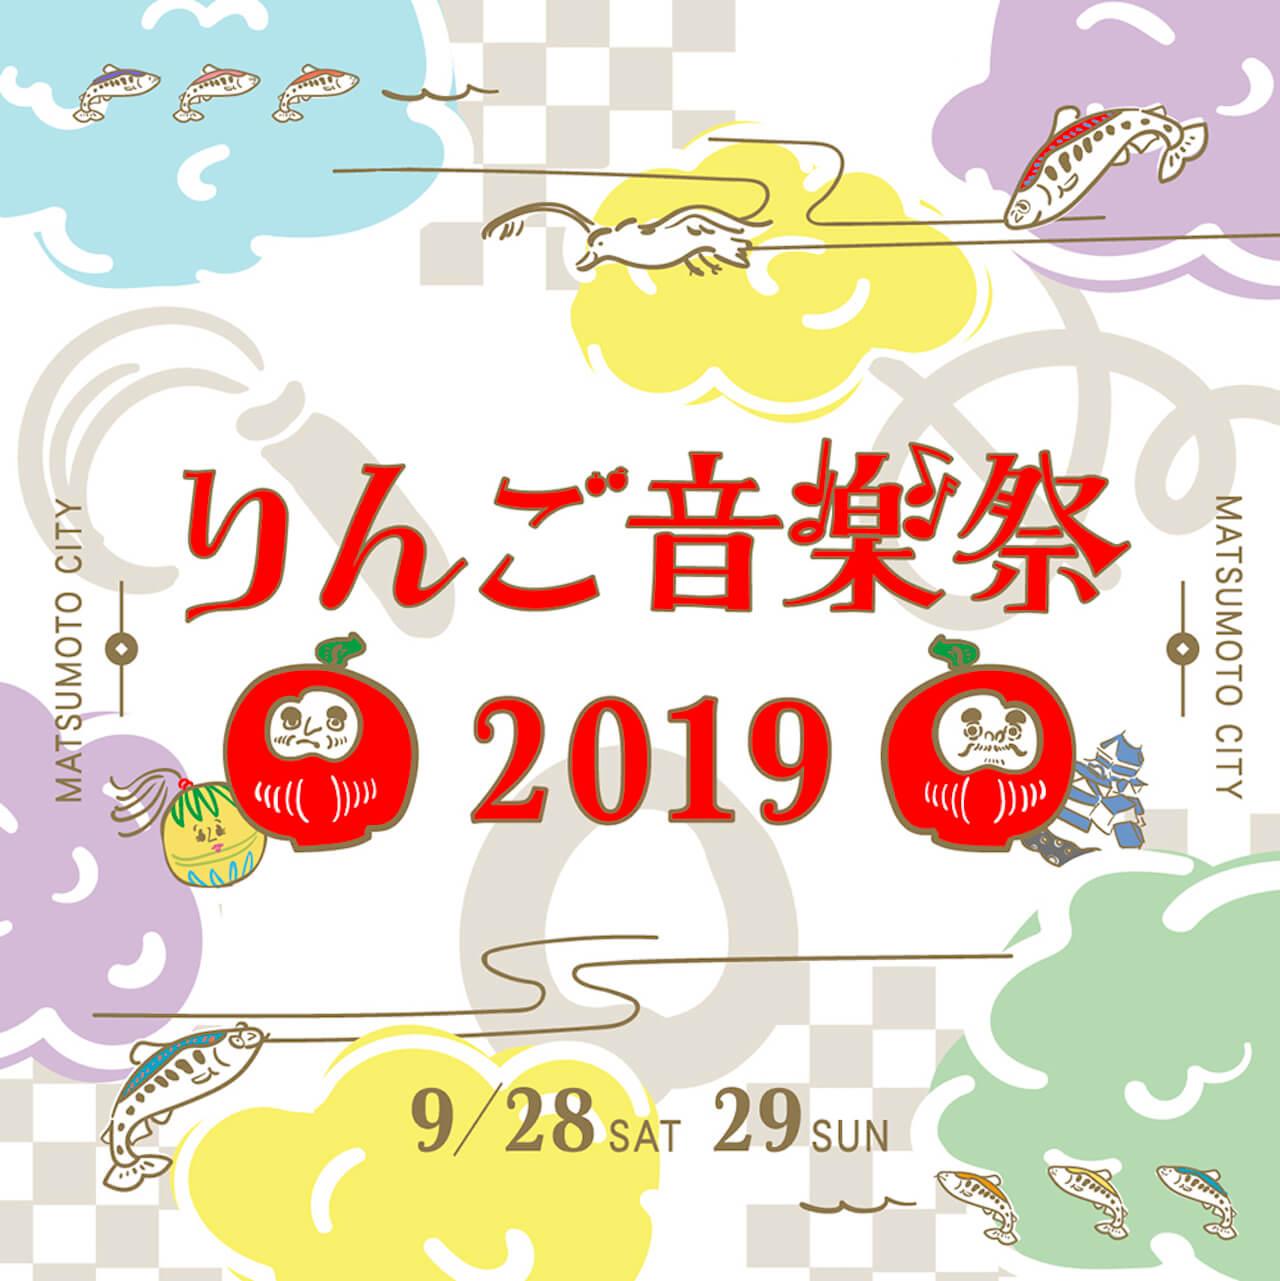 今週末はりんご音楽祭2019というシンデレラ感 ringofes2019